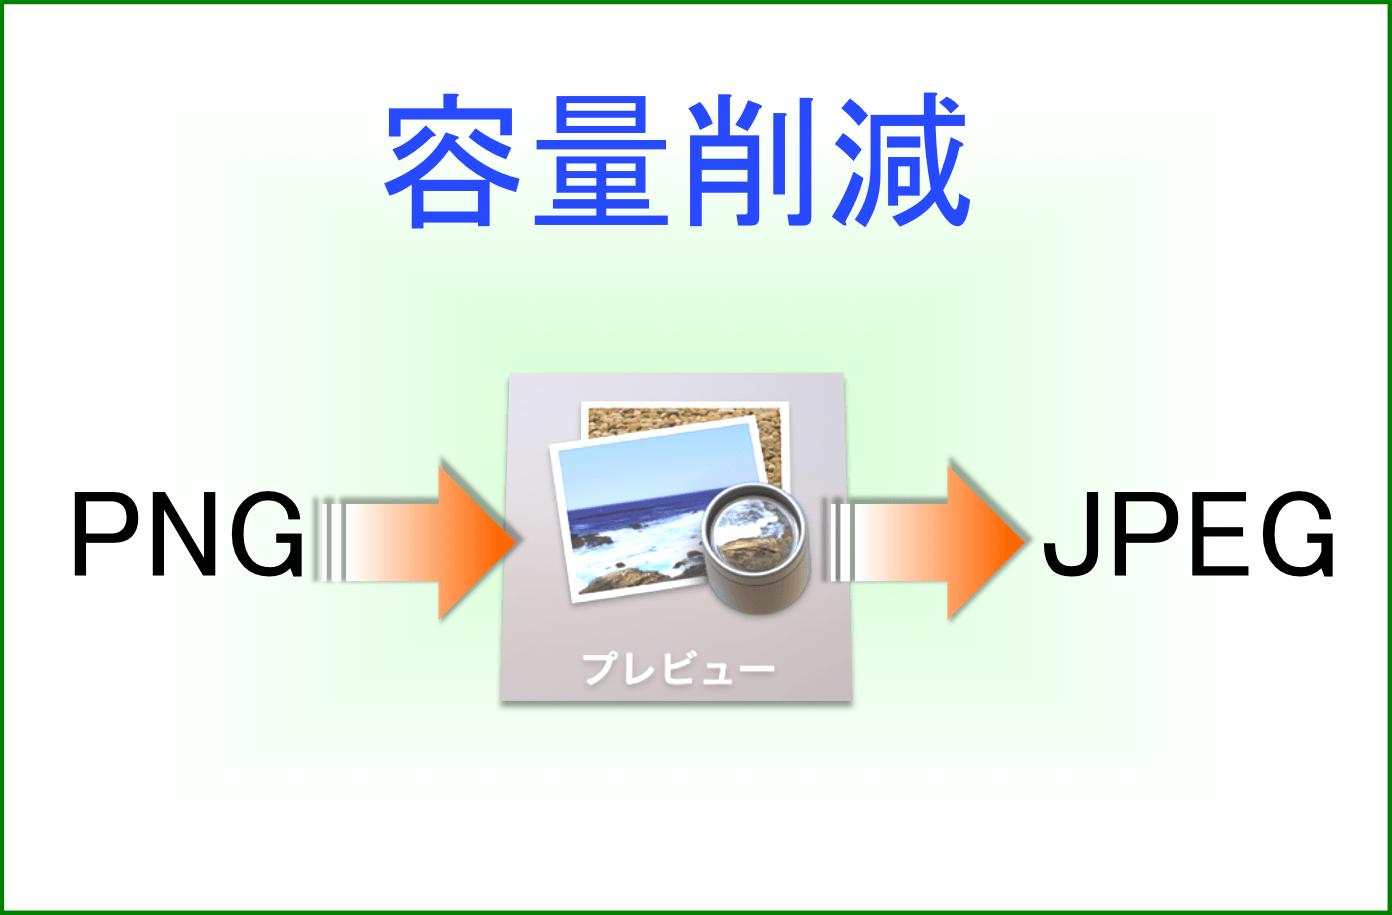 MacのプレビューでPNG→JPEGファイル形式変換!ブログへの画像アップロード容量削減に役立ってます